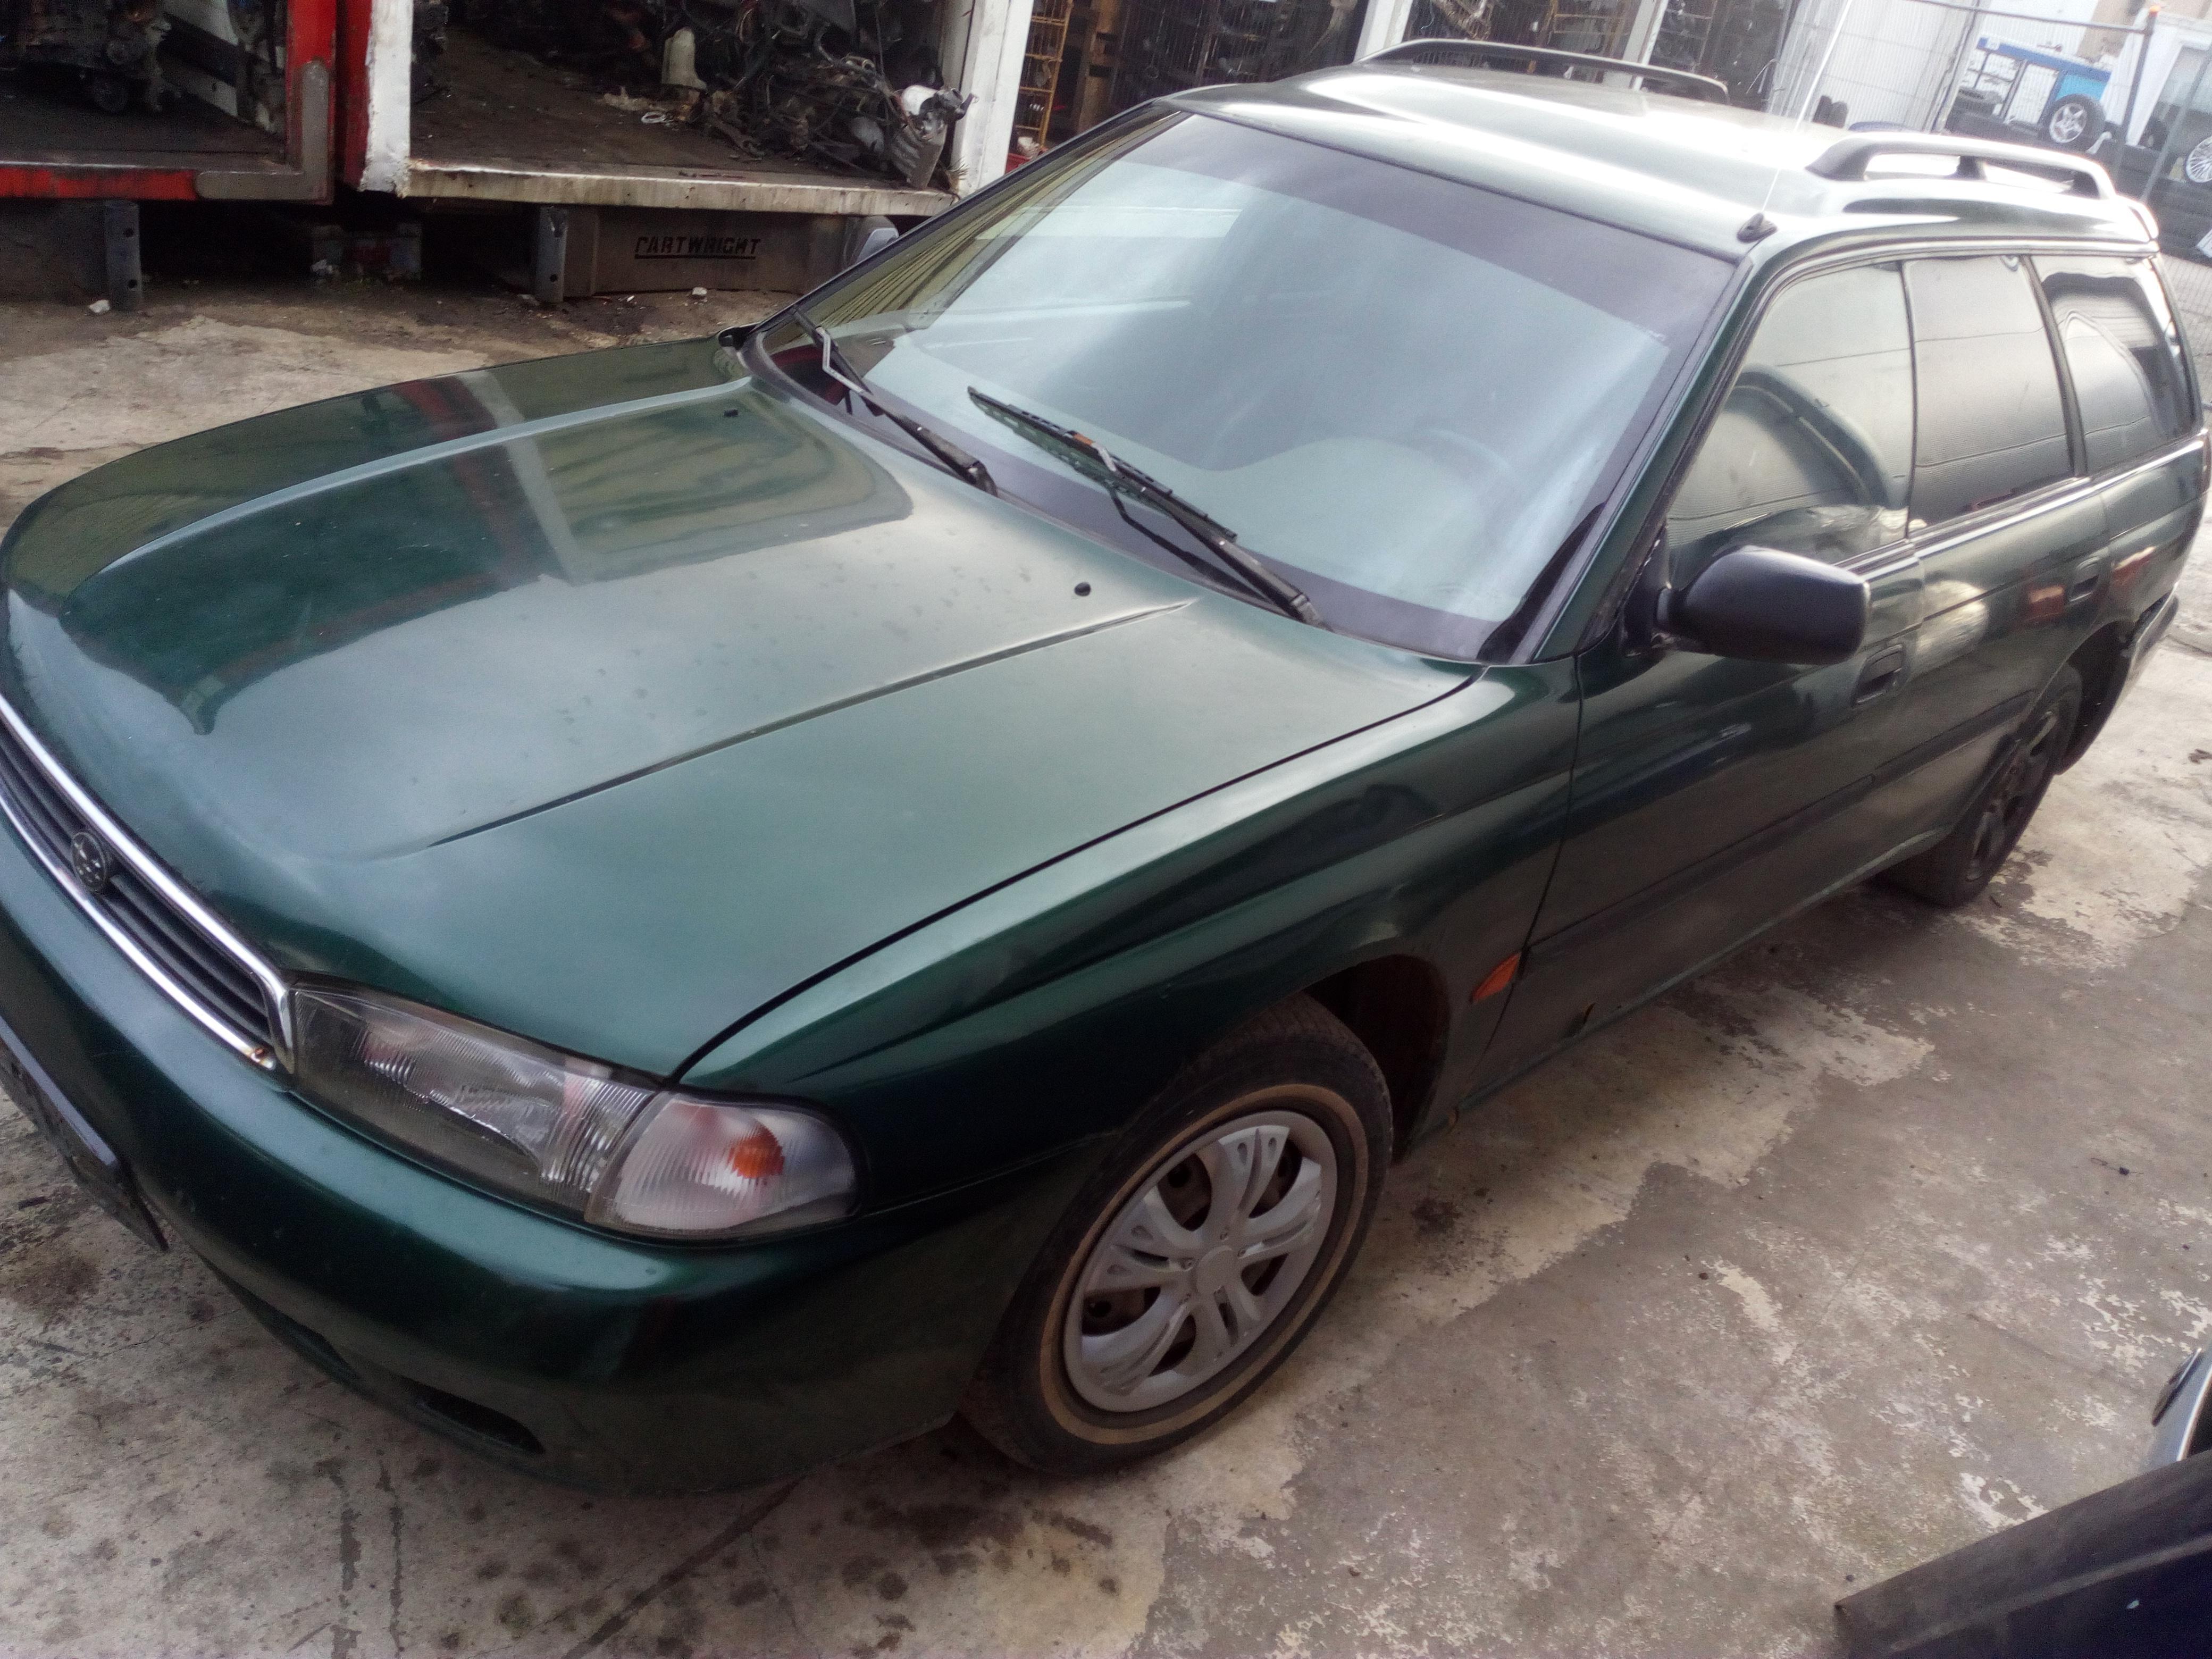 H285wk 19akd Fuel Filter Subaru Legacy 1995 20l 5eur Eis00406485 1997 Foto 3 Bd Bg Bk 199402 199812